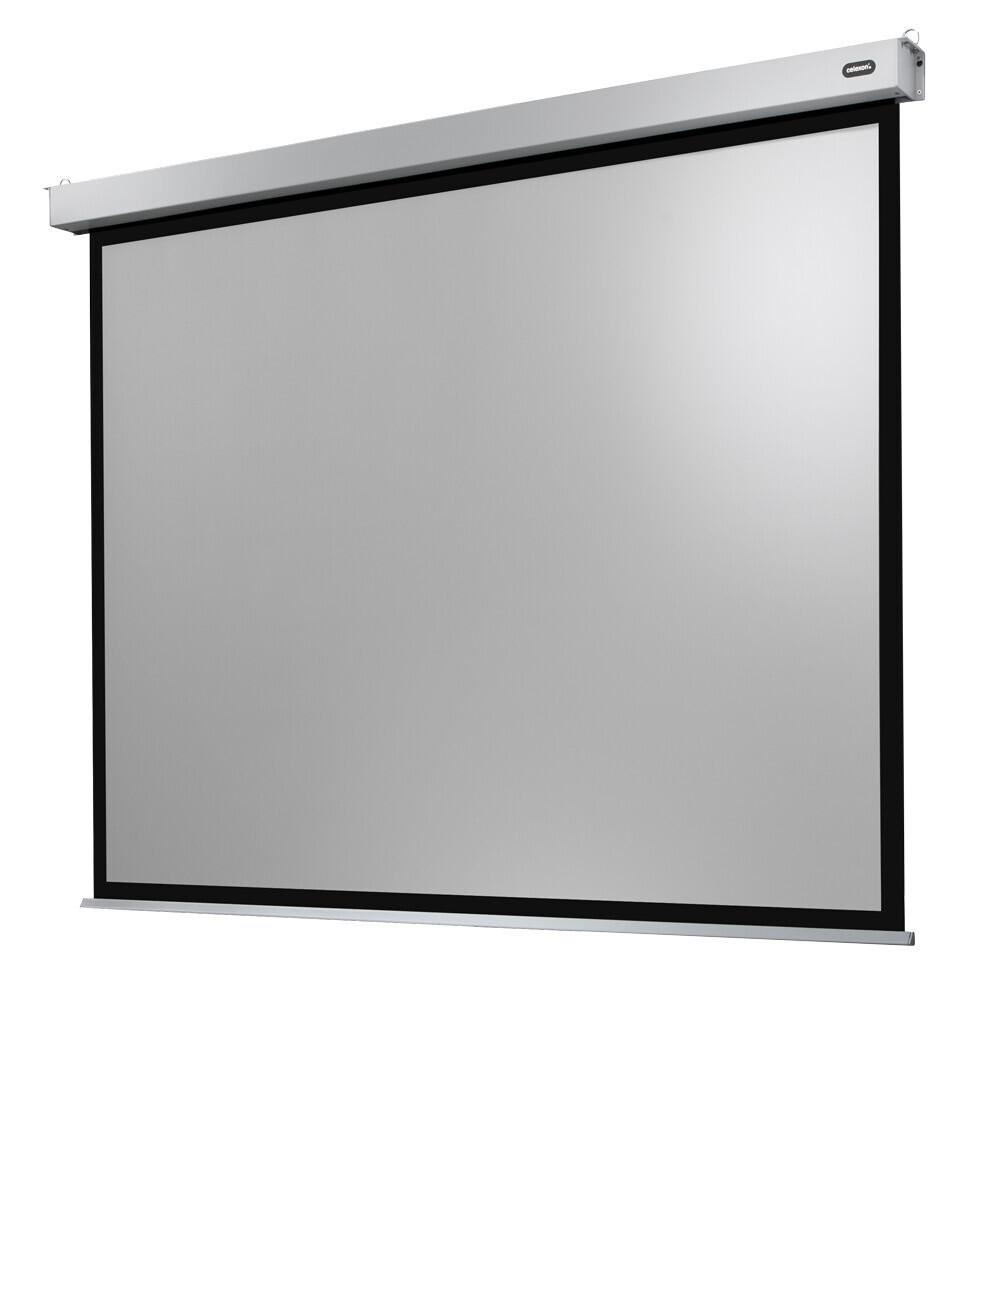 celexon schermo motorizzato Professional Plus 280 x 210 cm